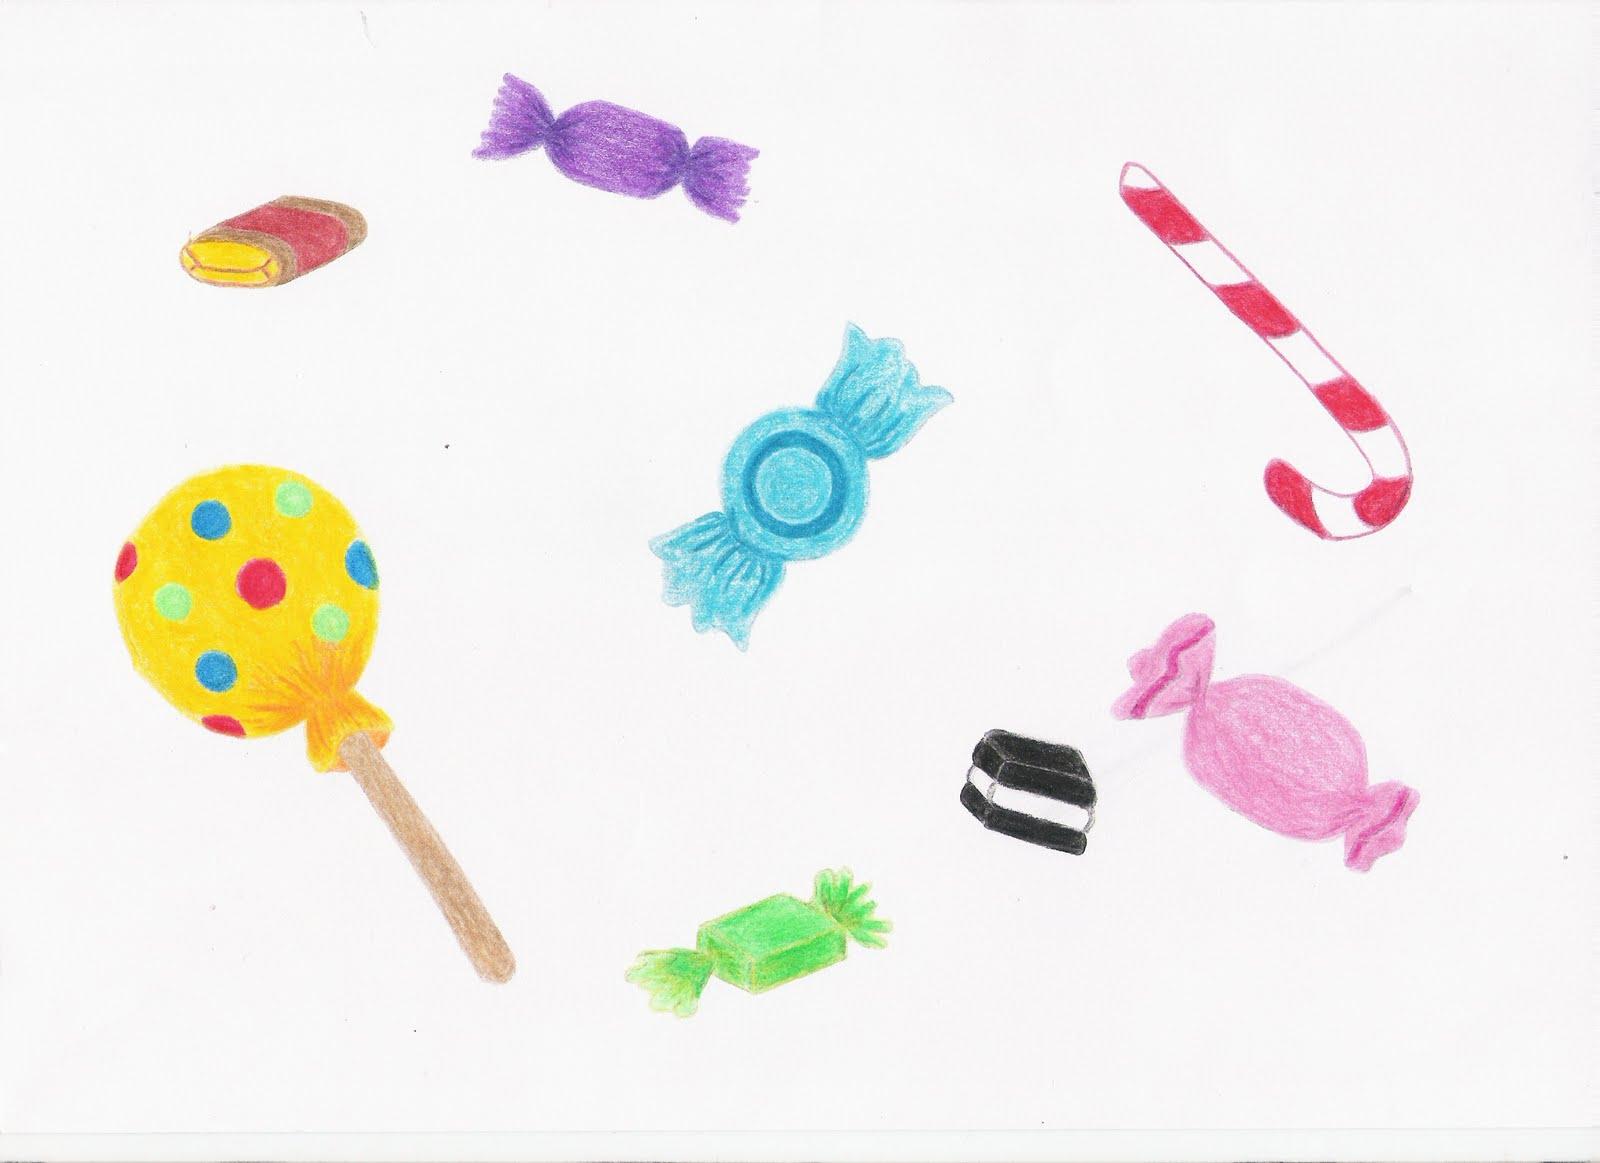 Envol de l 39 imagination essais de bonbons - Bonbon en dessin ...